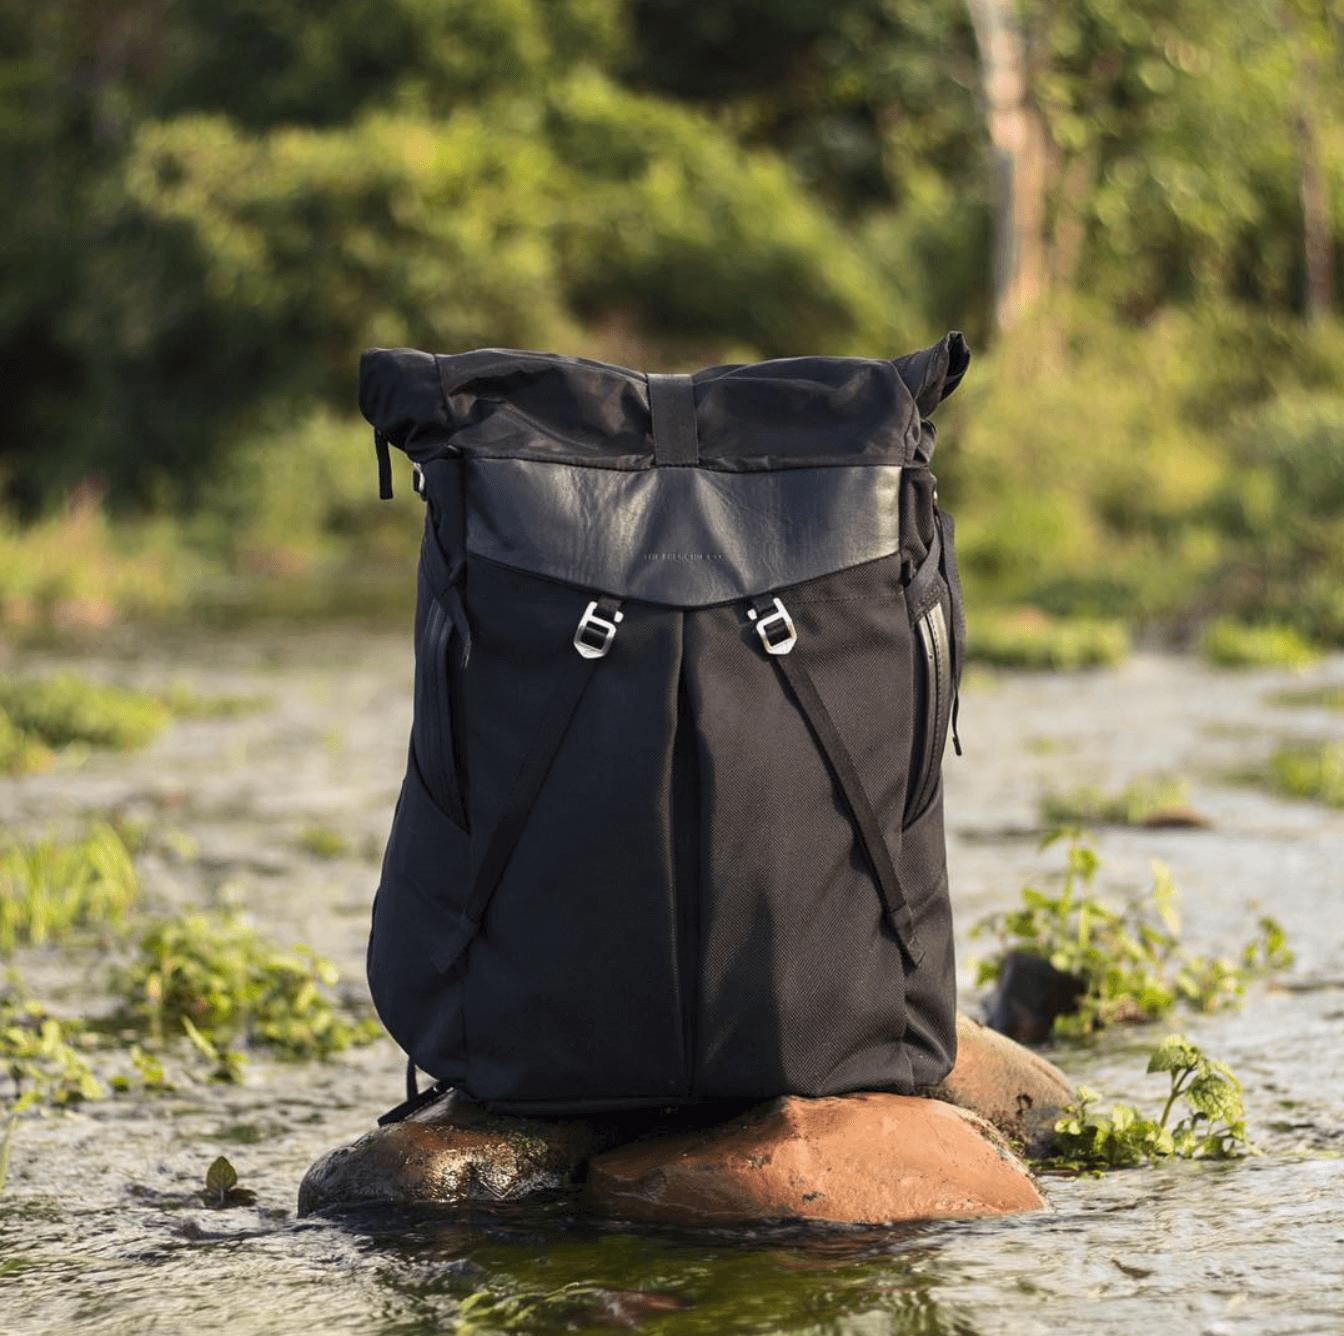 【動画まとめ】Indiegogoで支援したSpeed Backpackの素晴らしさを伝えたい!